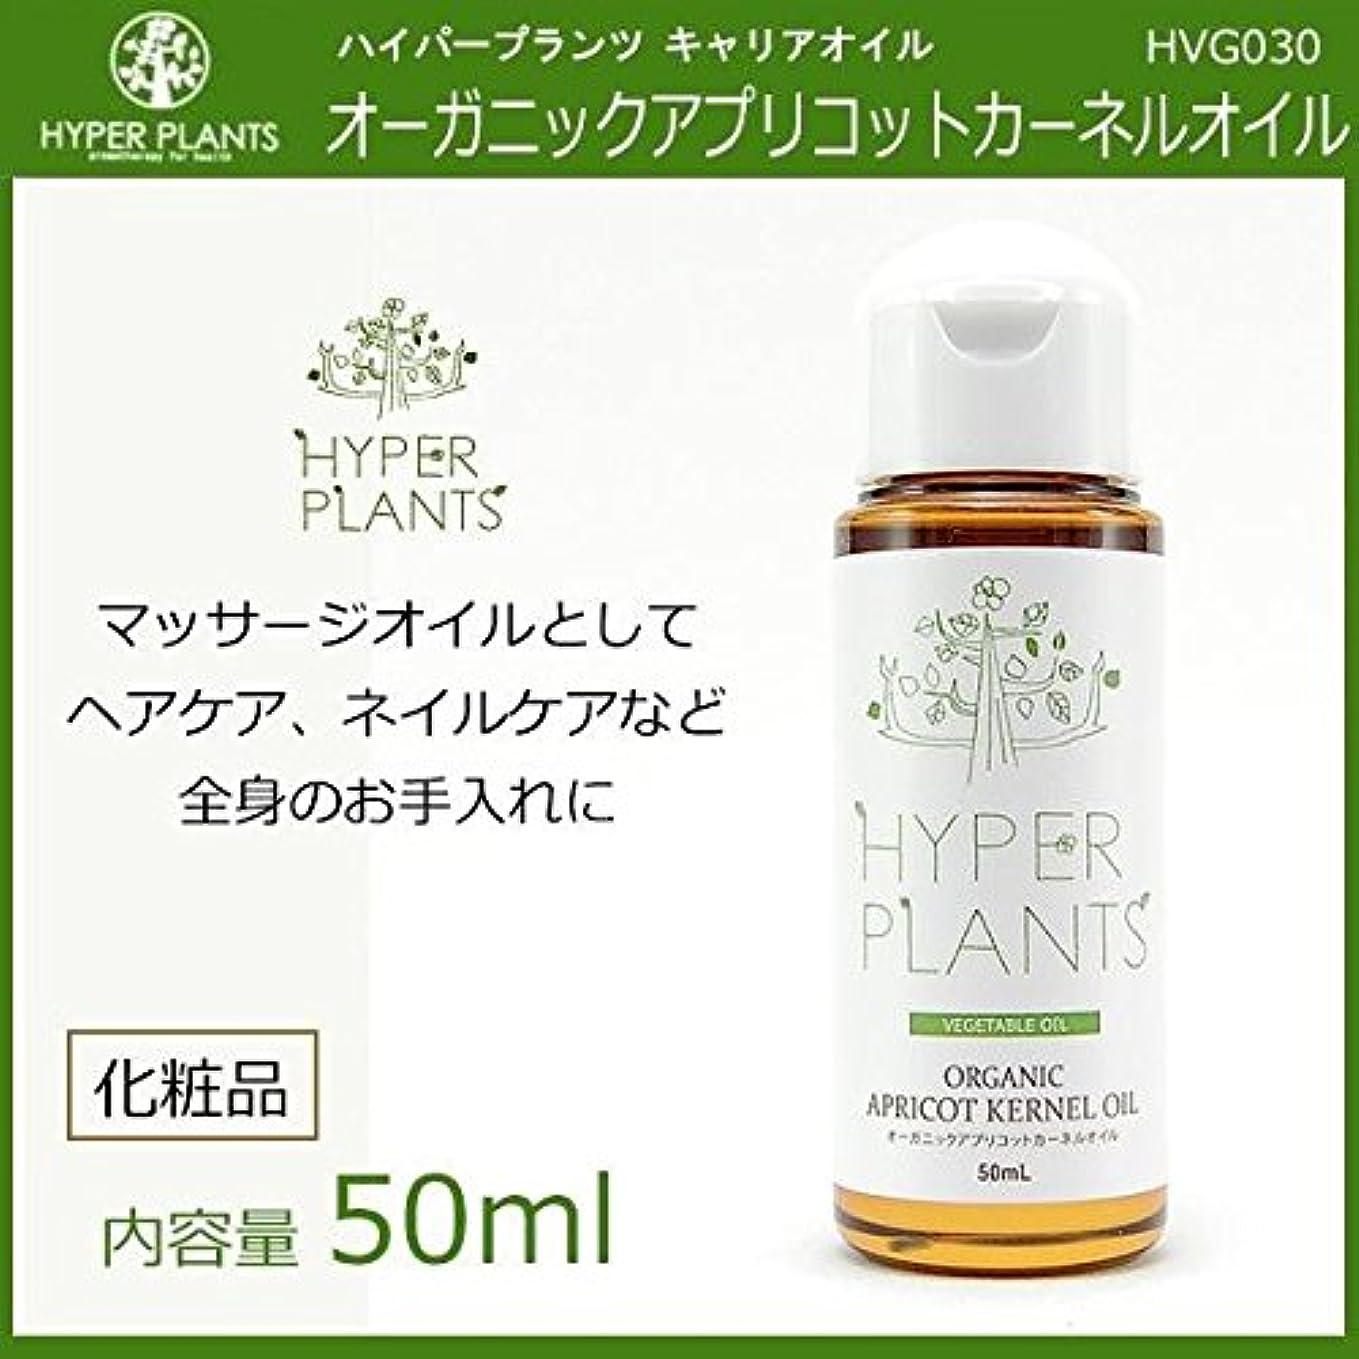 見かけ上奇妙な放散するHYPER PLANTS ハイパープランツ キャリアオイル オーガニックアプリコットカーネルオイル 50ml HVG030